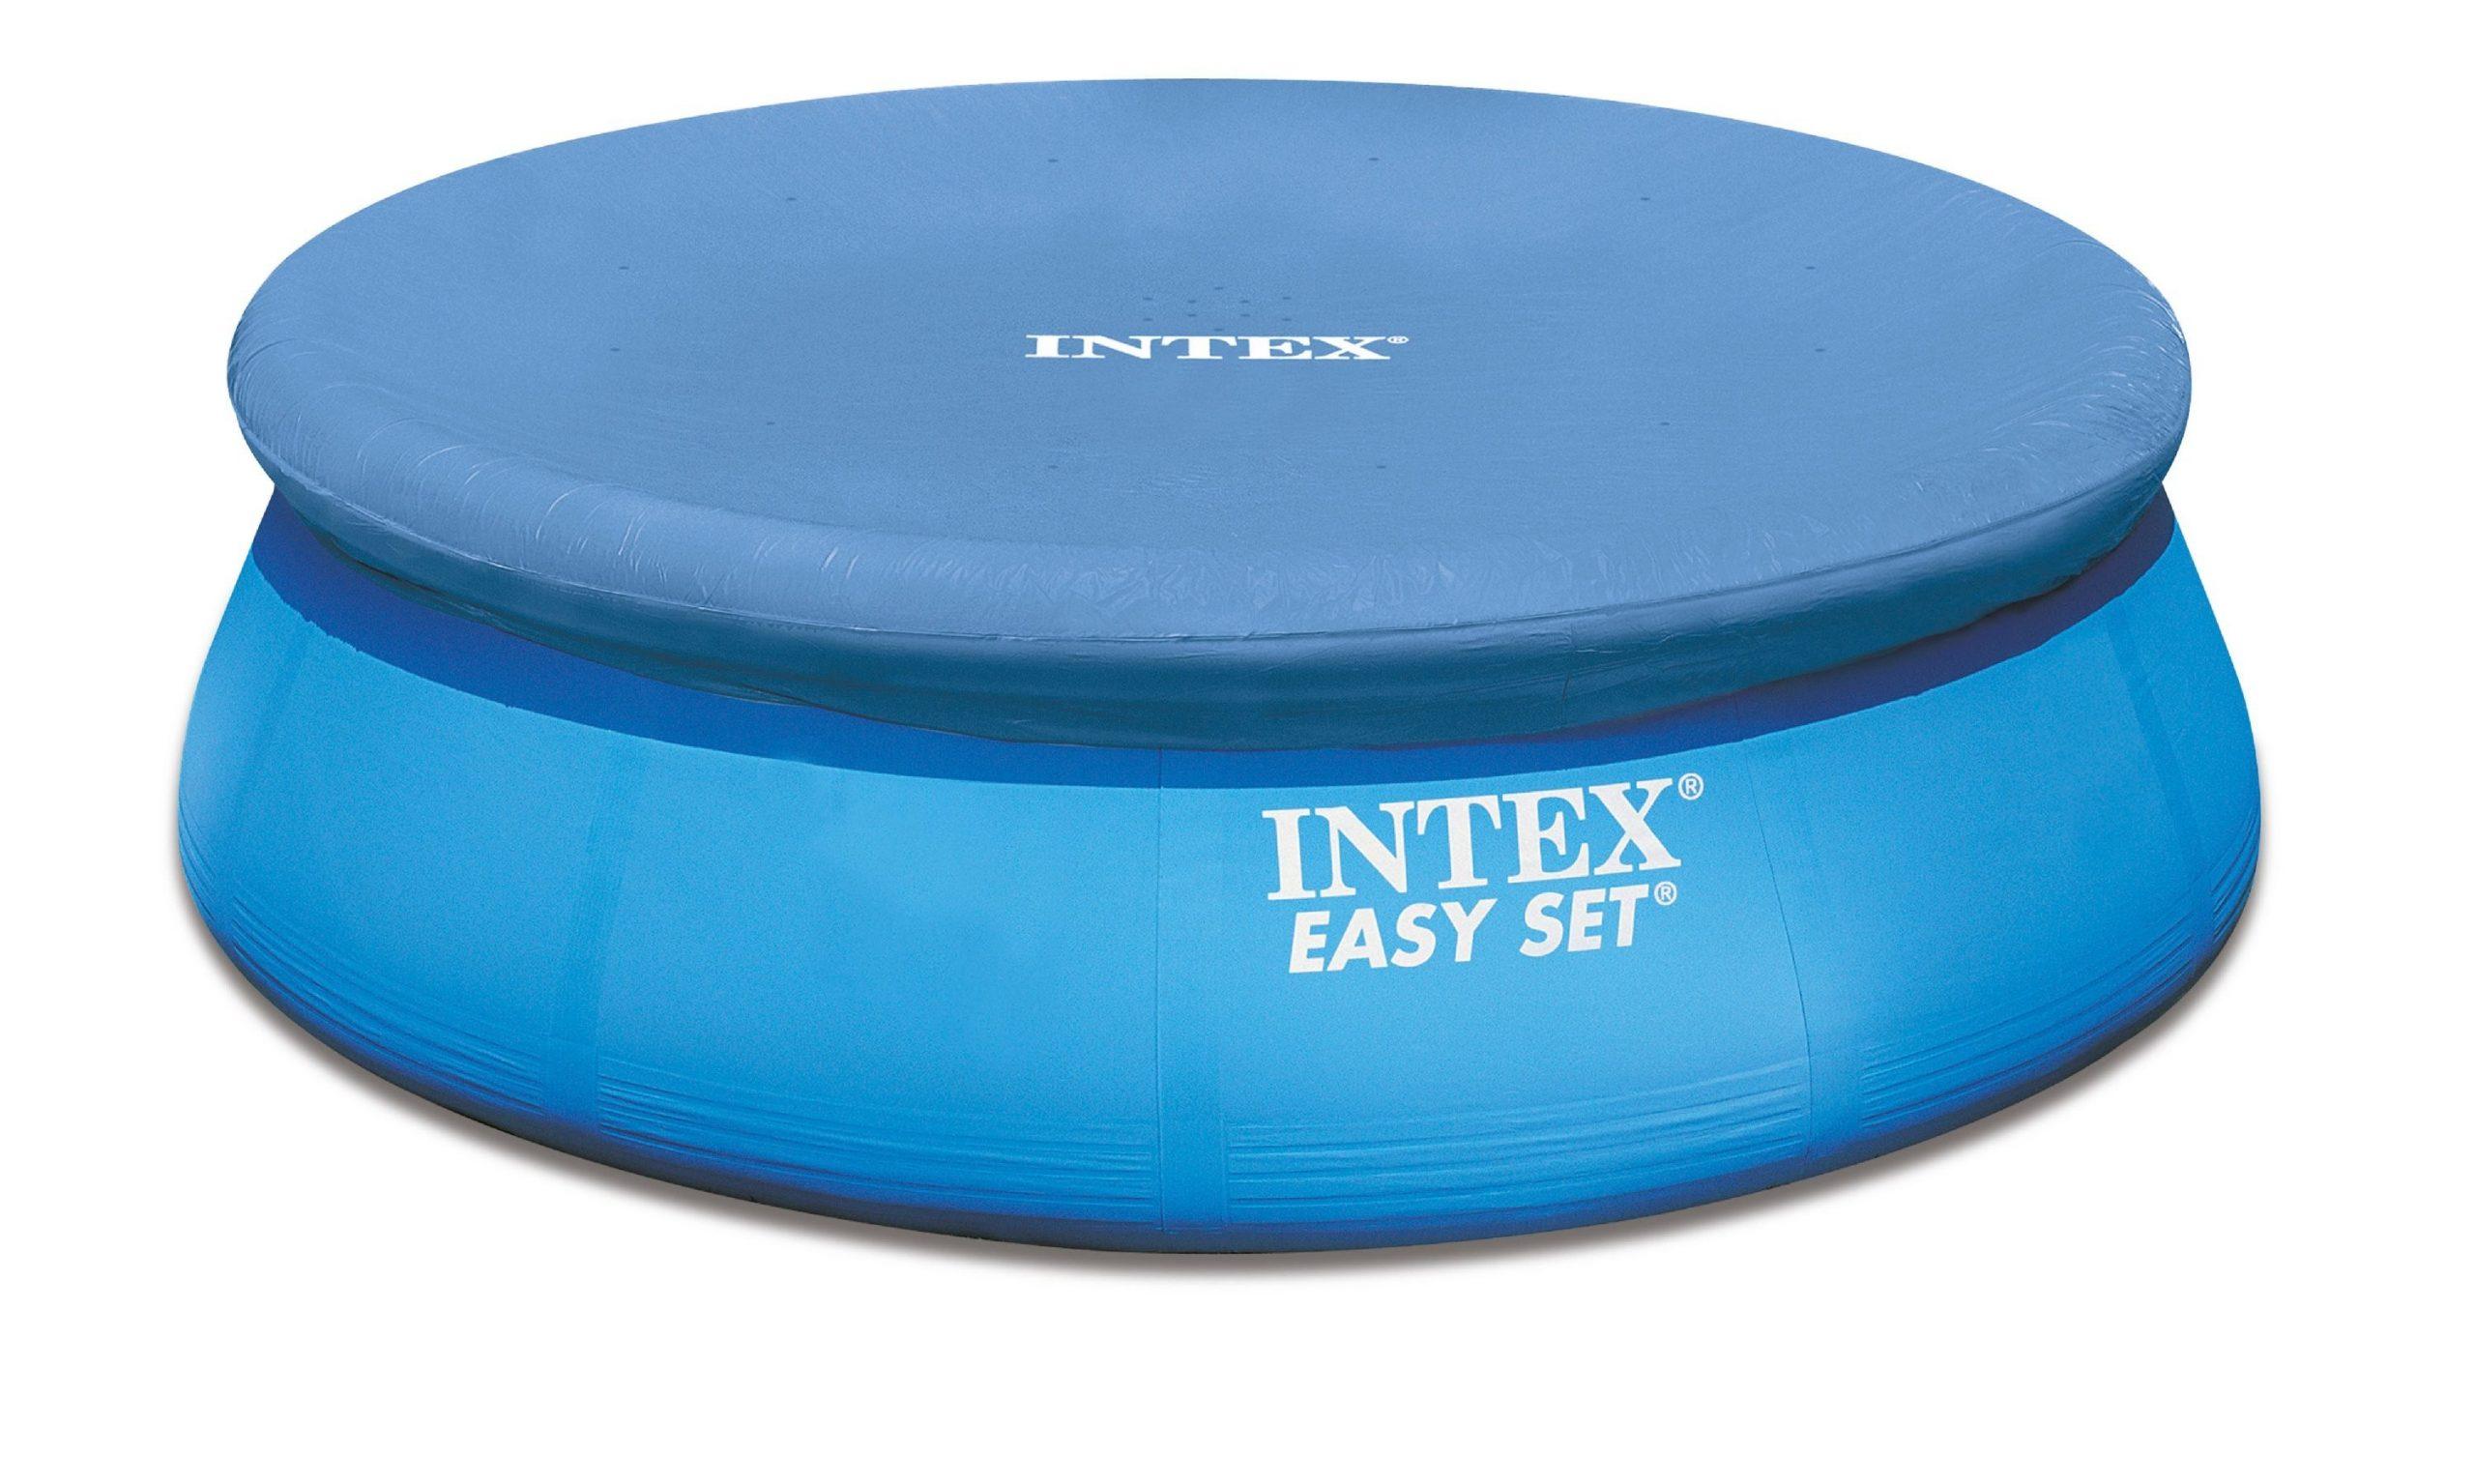 Intex Bâche De Protection Pour Autostable Ronde 305 Cm ... encequiconcerne Piscine Autostable